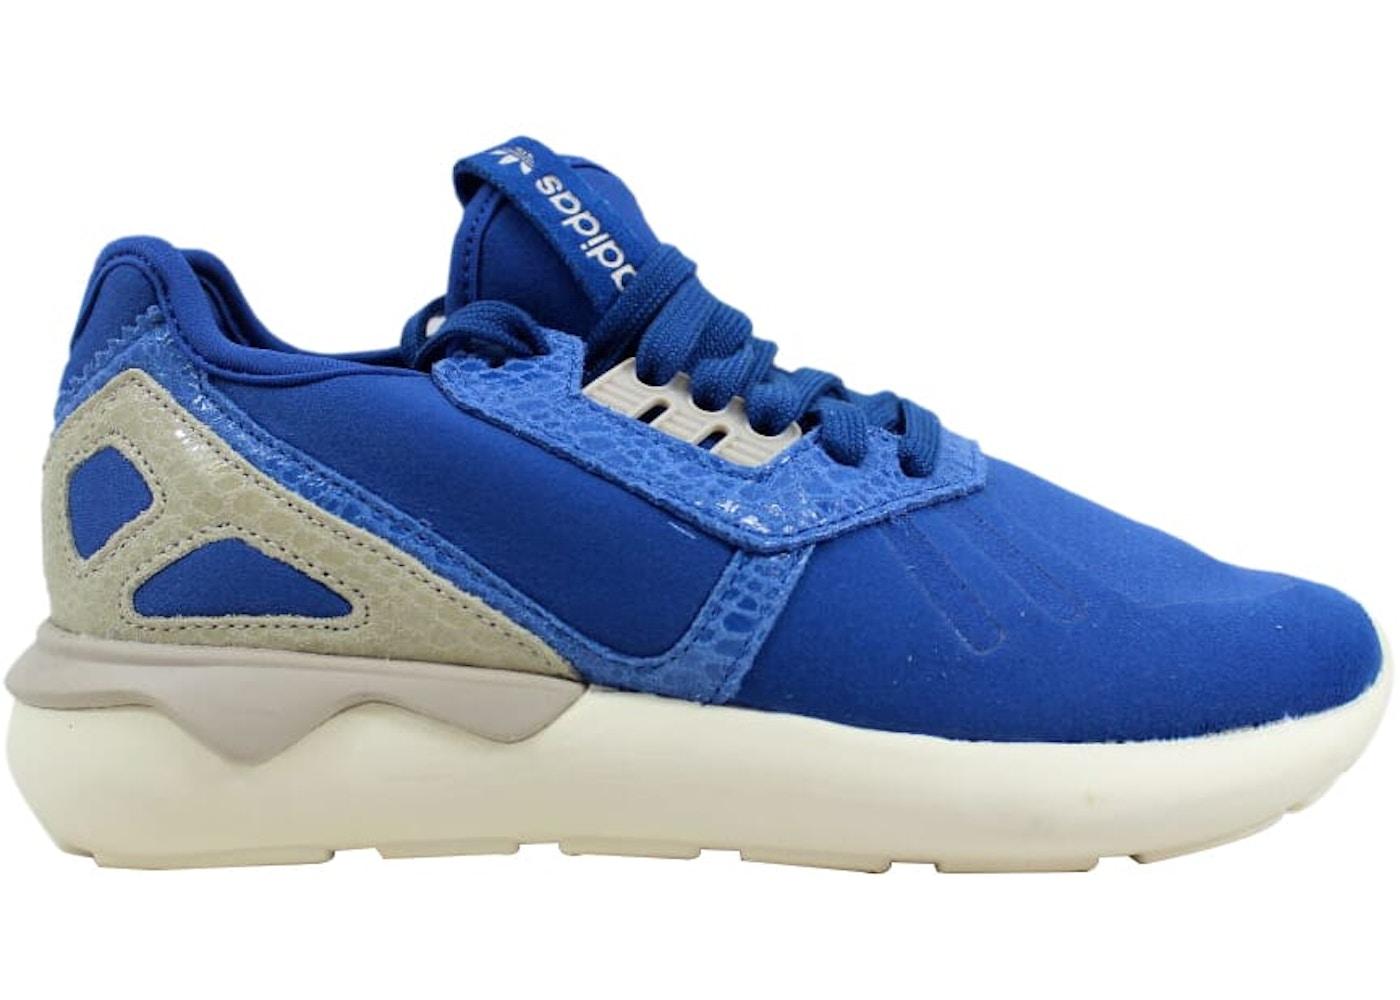 Poliziotto attività Drastico  adidas Tubular Runner Blue (W) - S81259